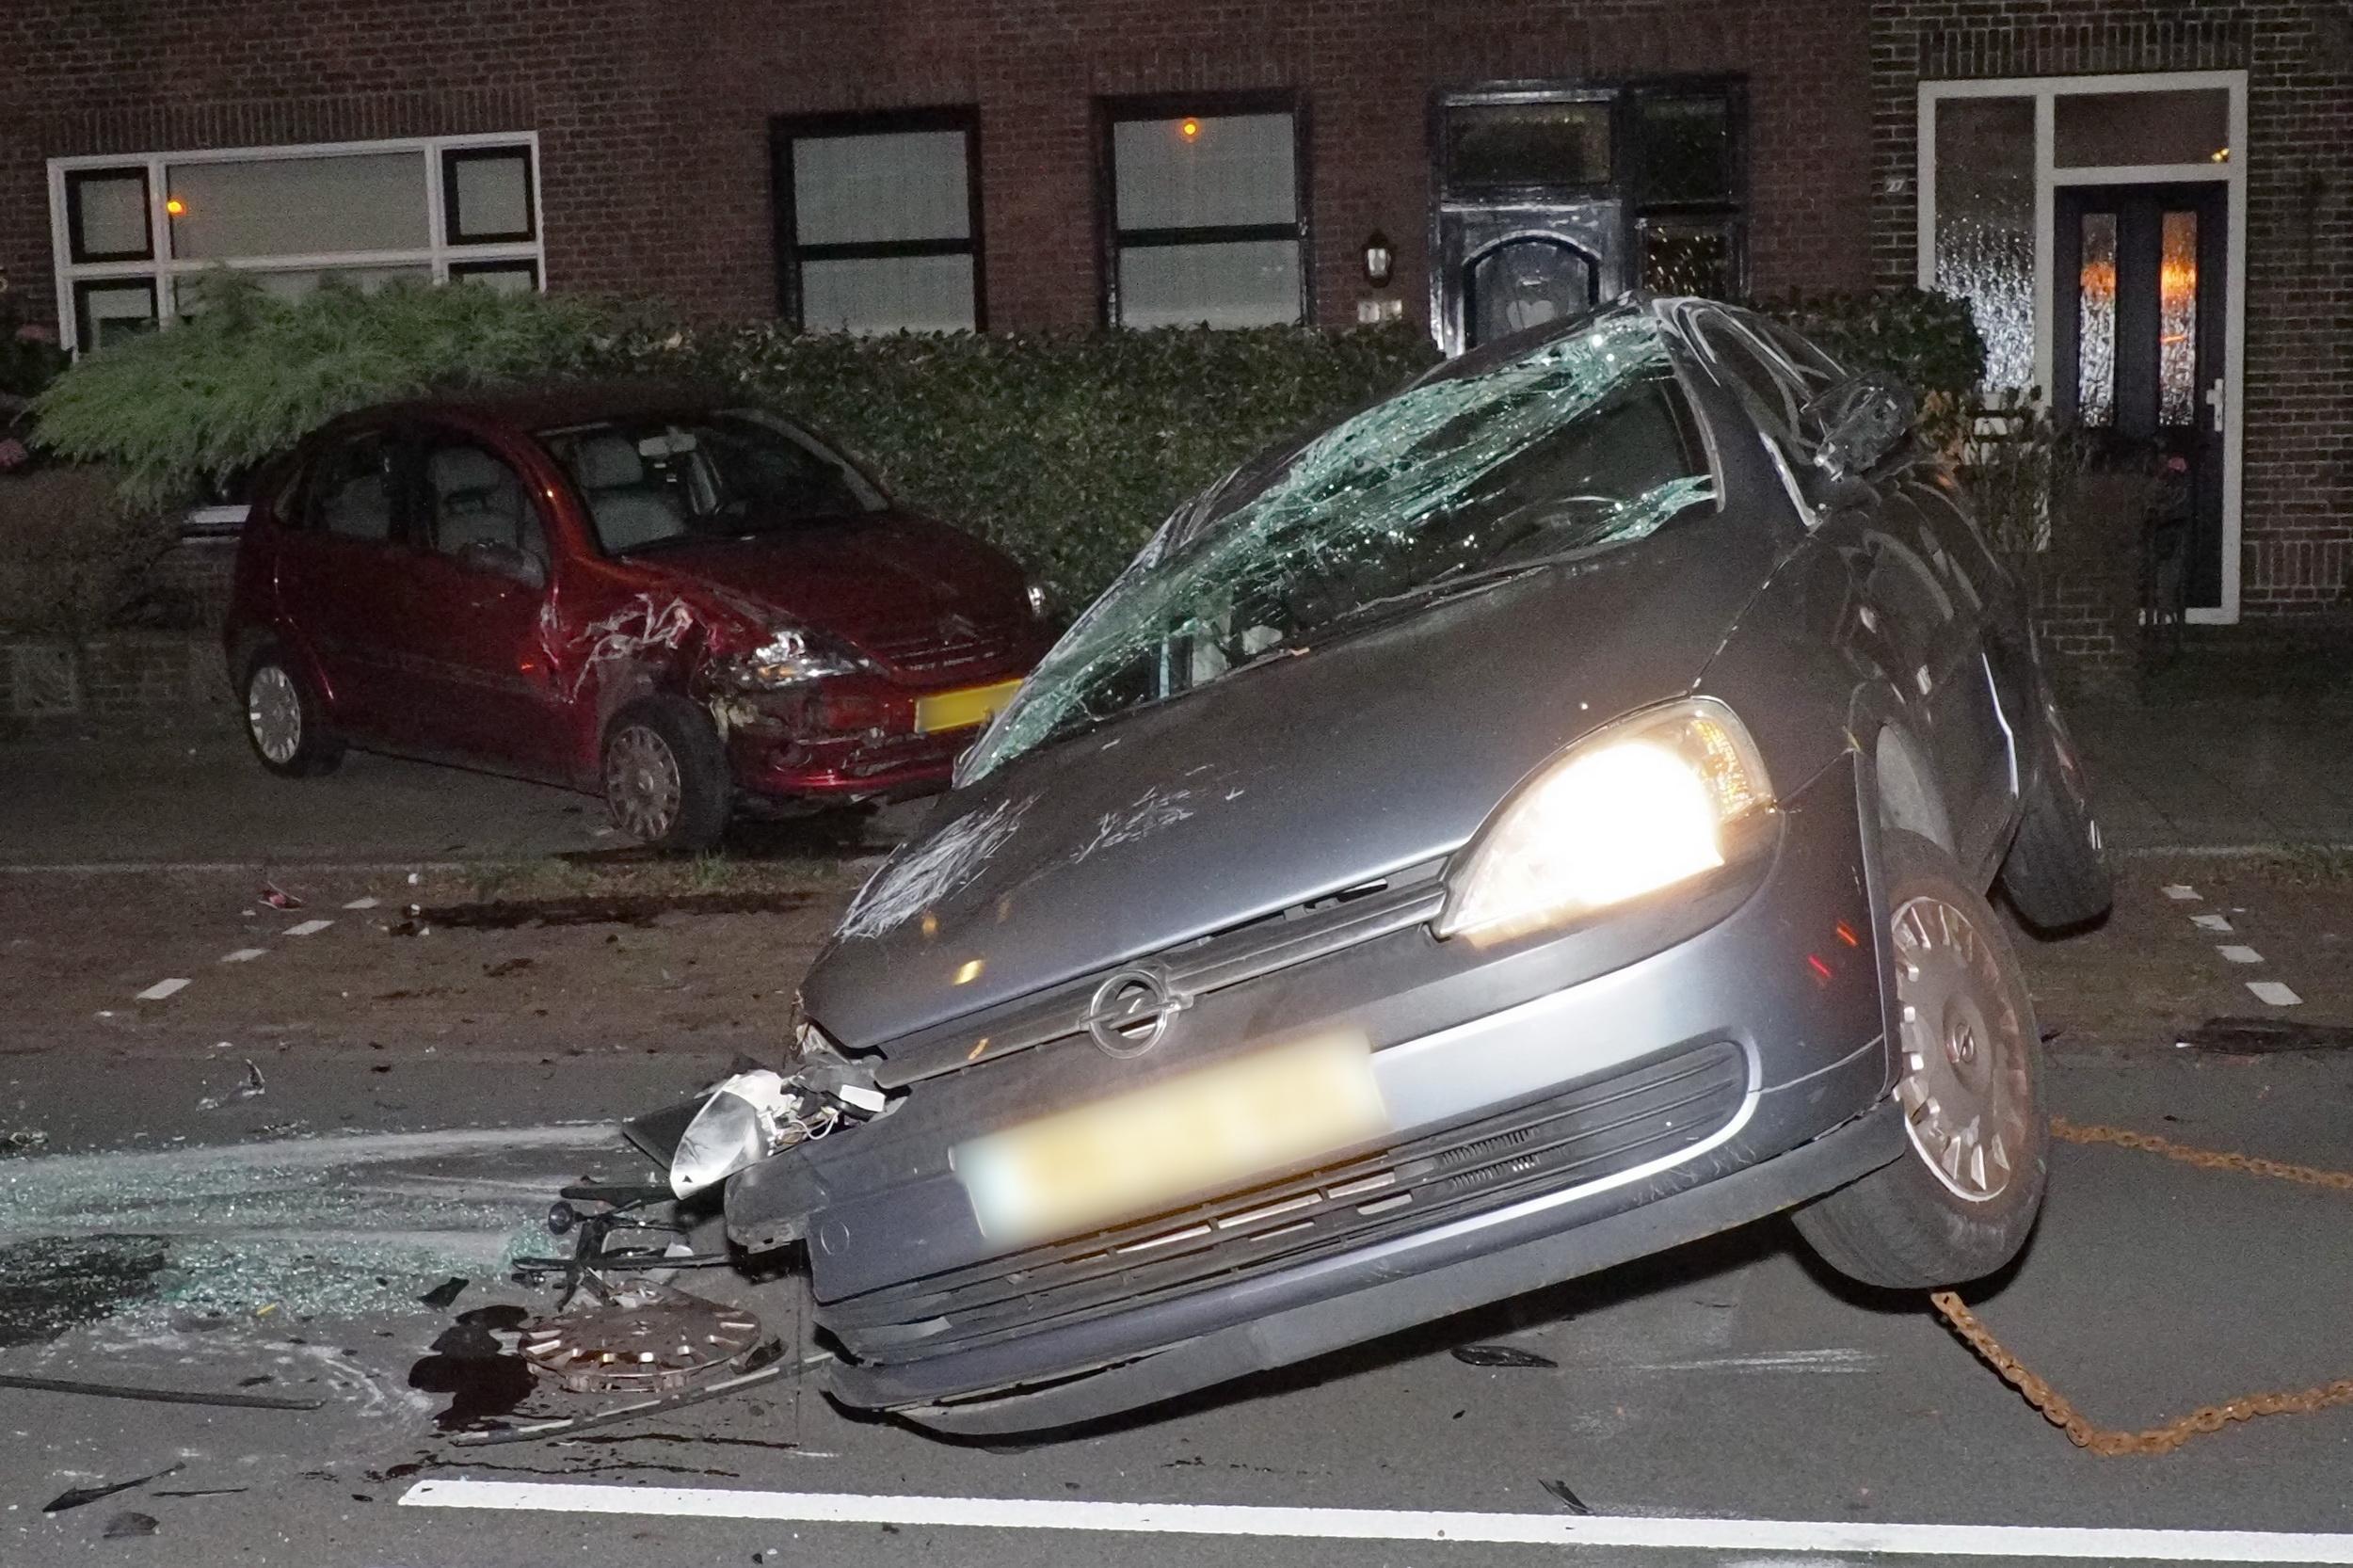 Drankrijder veroorzaakt ravage in IJmuiden, auto komt via geparkeerde auto en bloembak ondersteboven tot stilstand